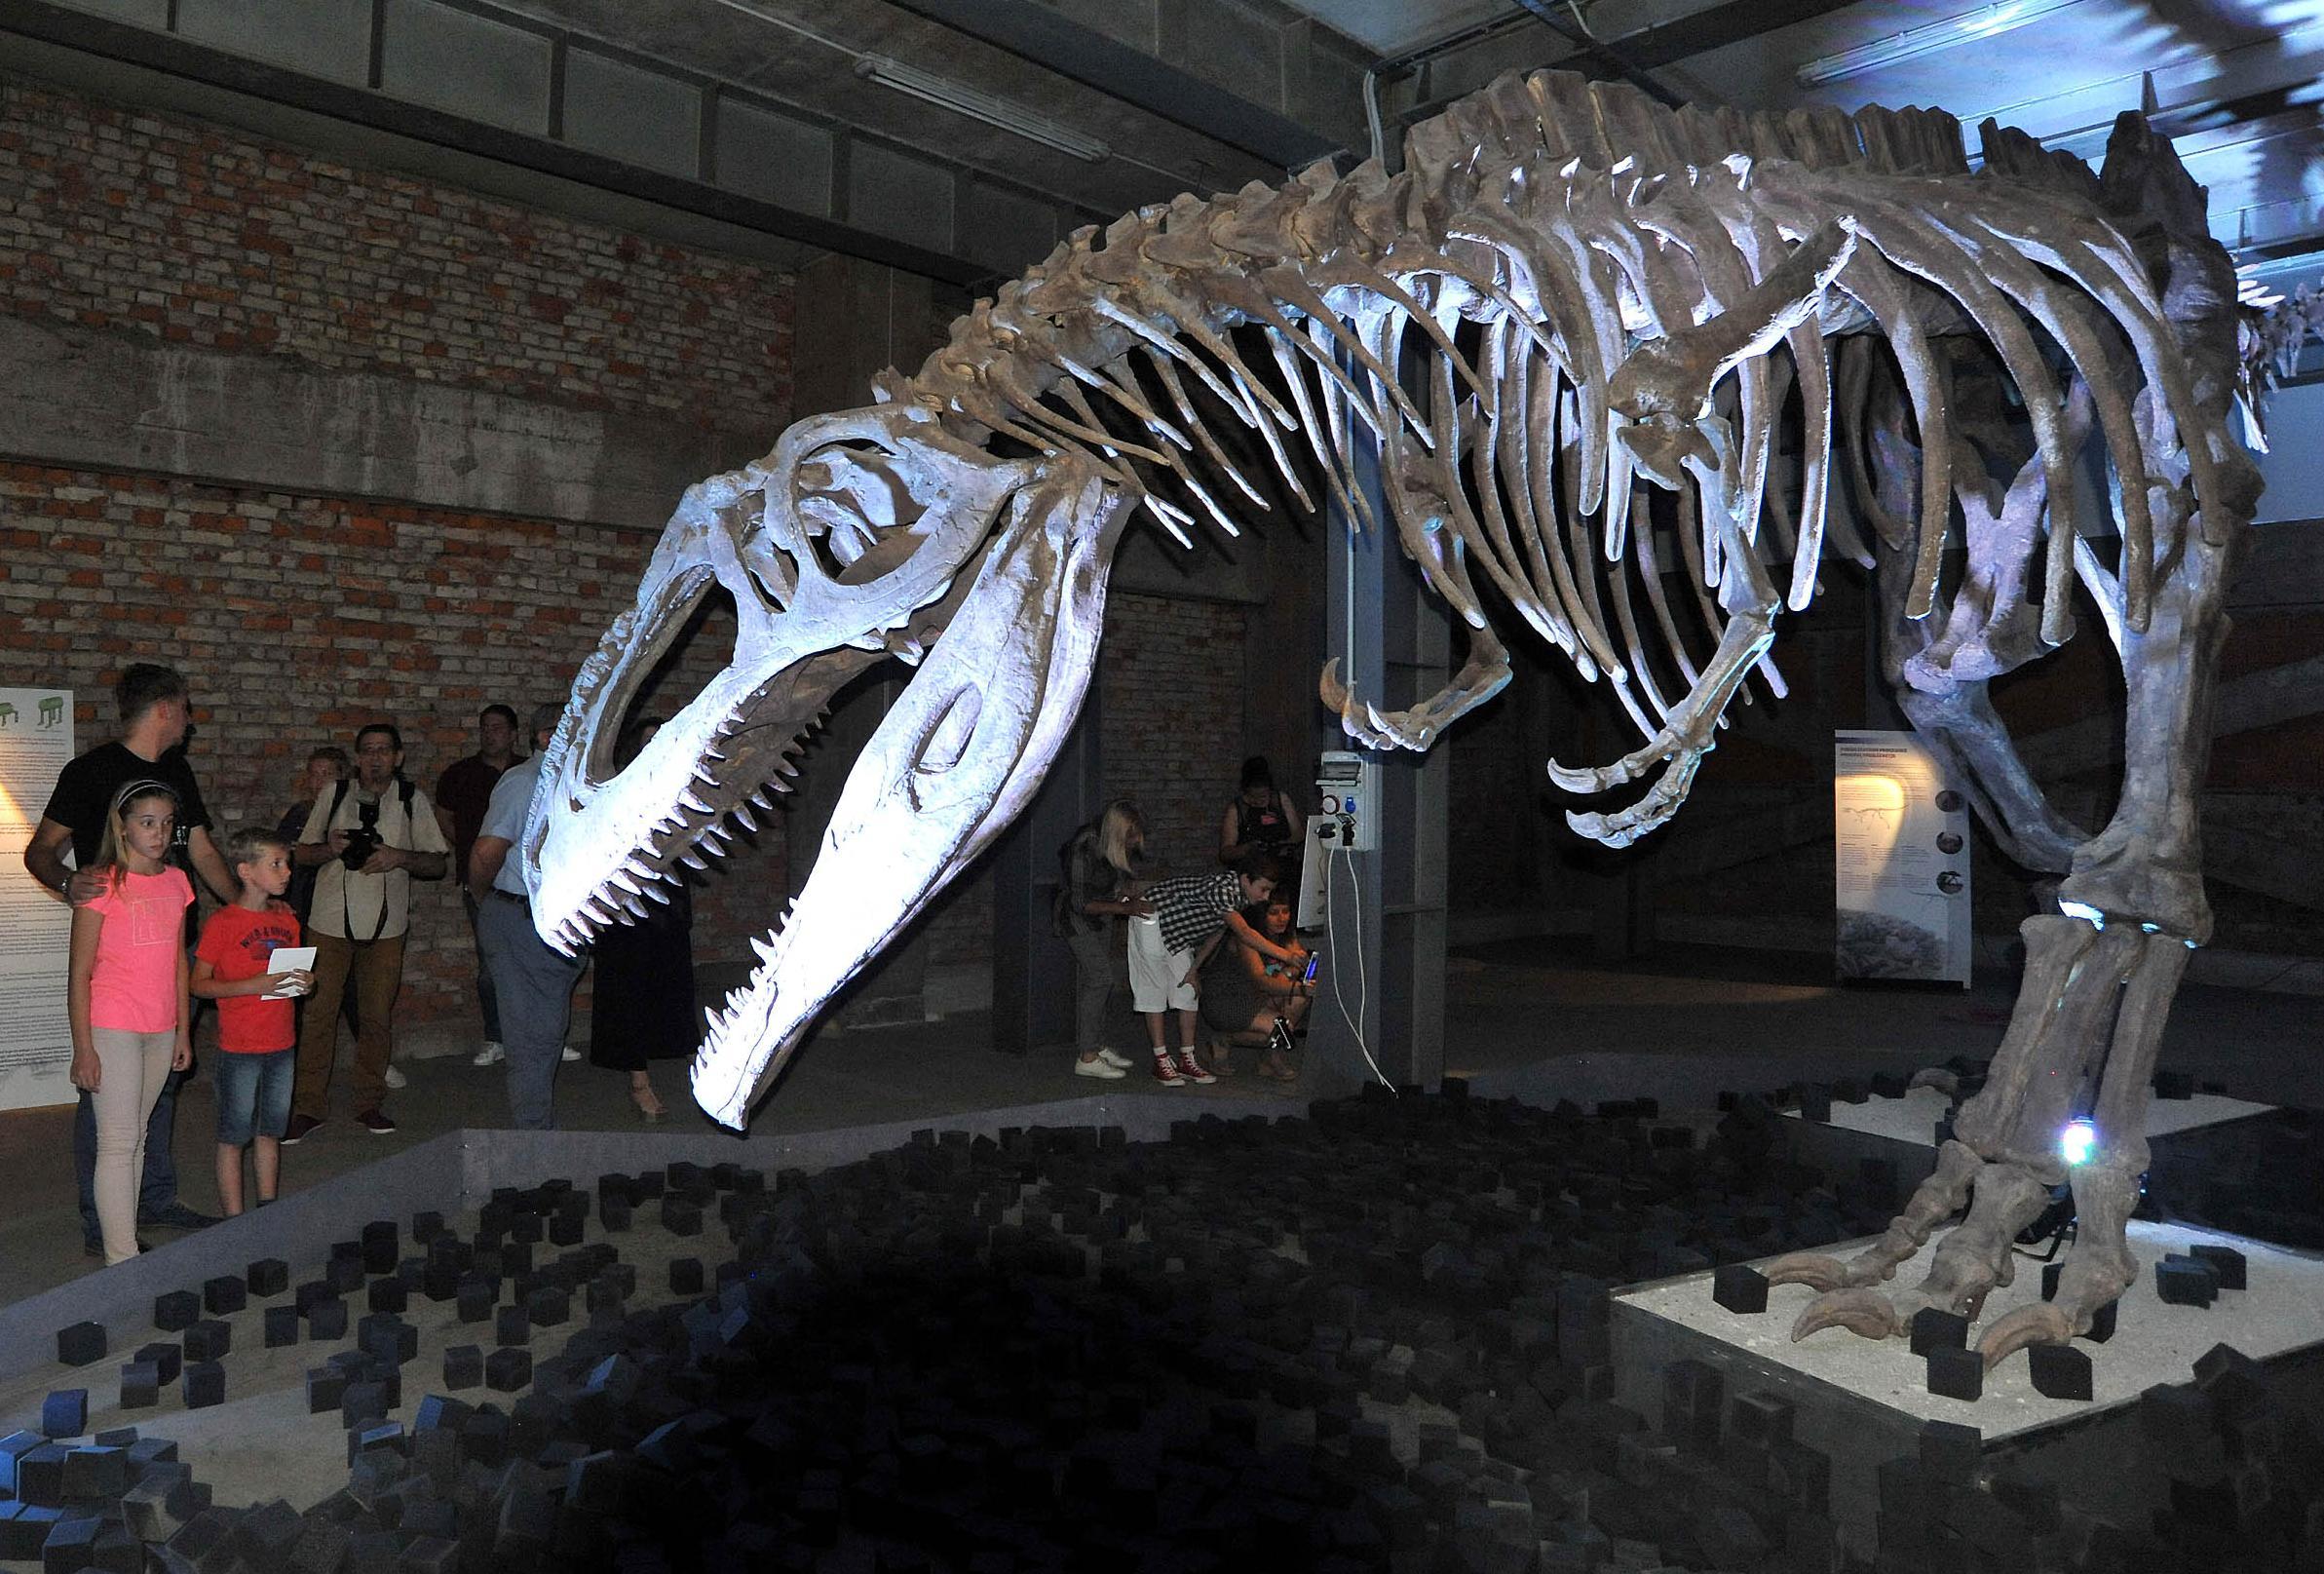 Dinosauri se u skladištu bivšeg Exportdrva na Delti mogu pogledati sve do kraja veljače 2017. godine /Snimio Sergej DRECHSLER